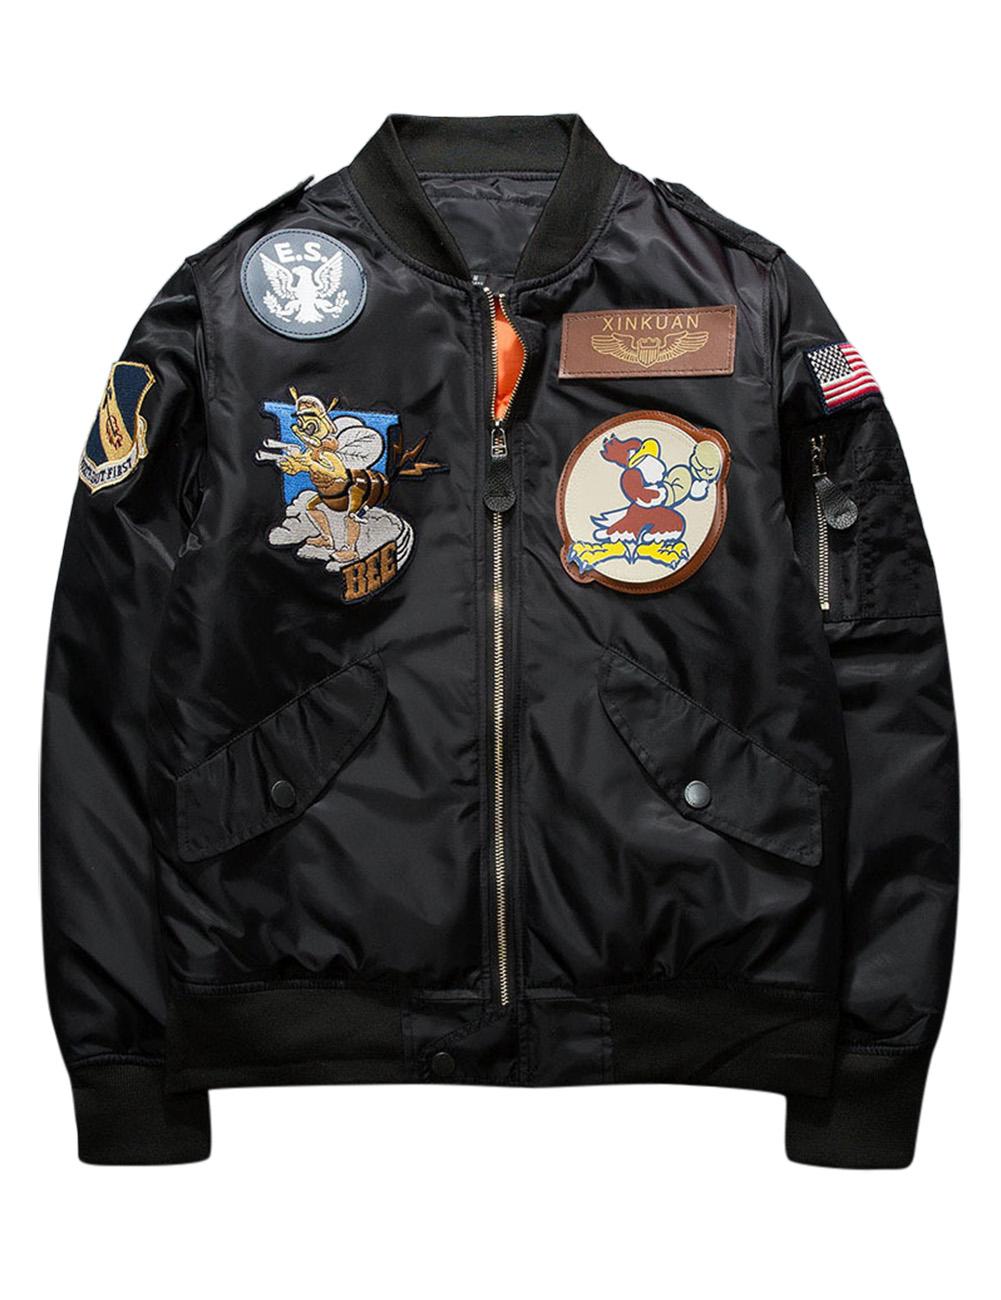 Men's Cotton Fashion Embroidery Air Uniform Jacket Black L